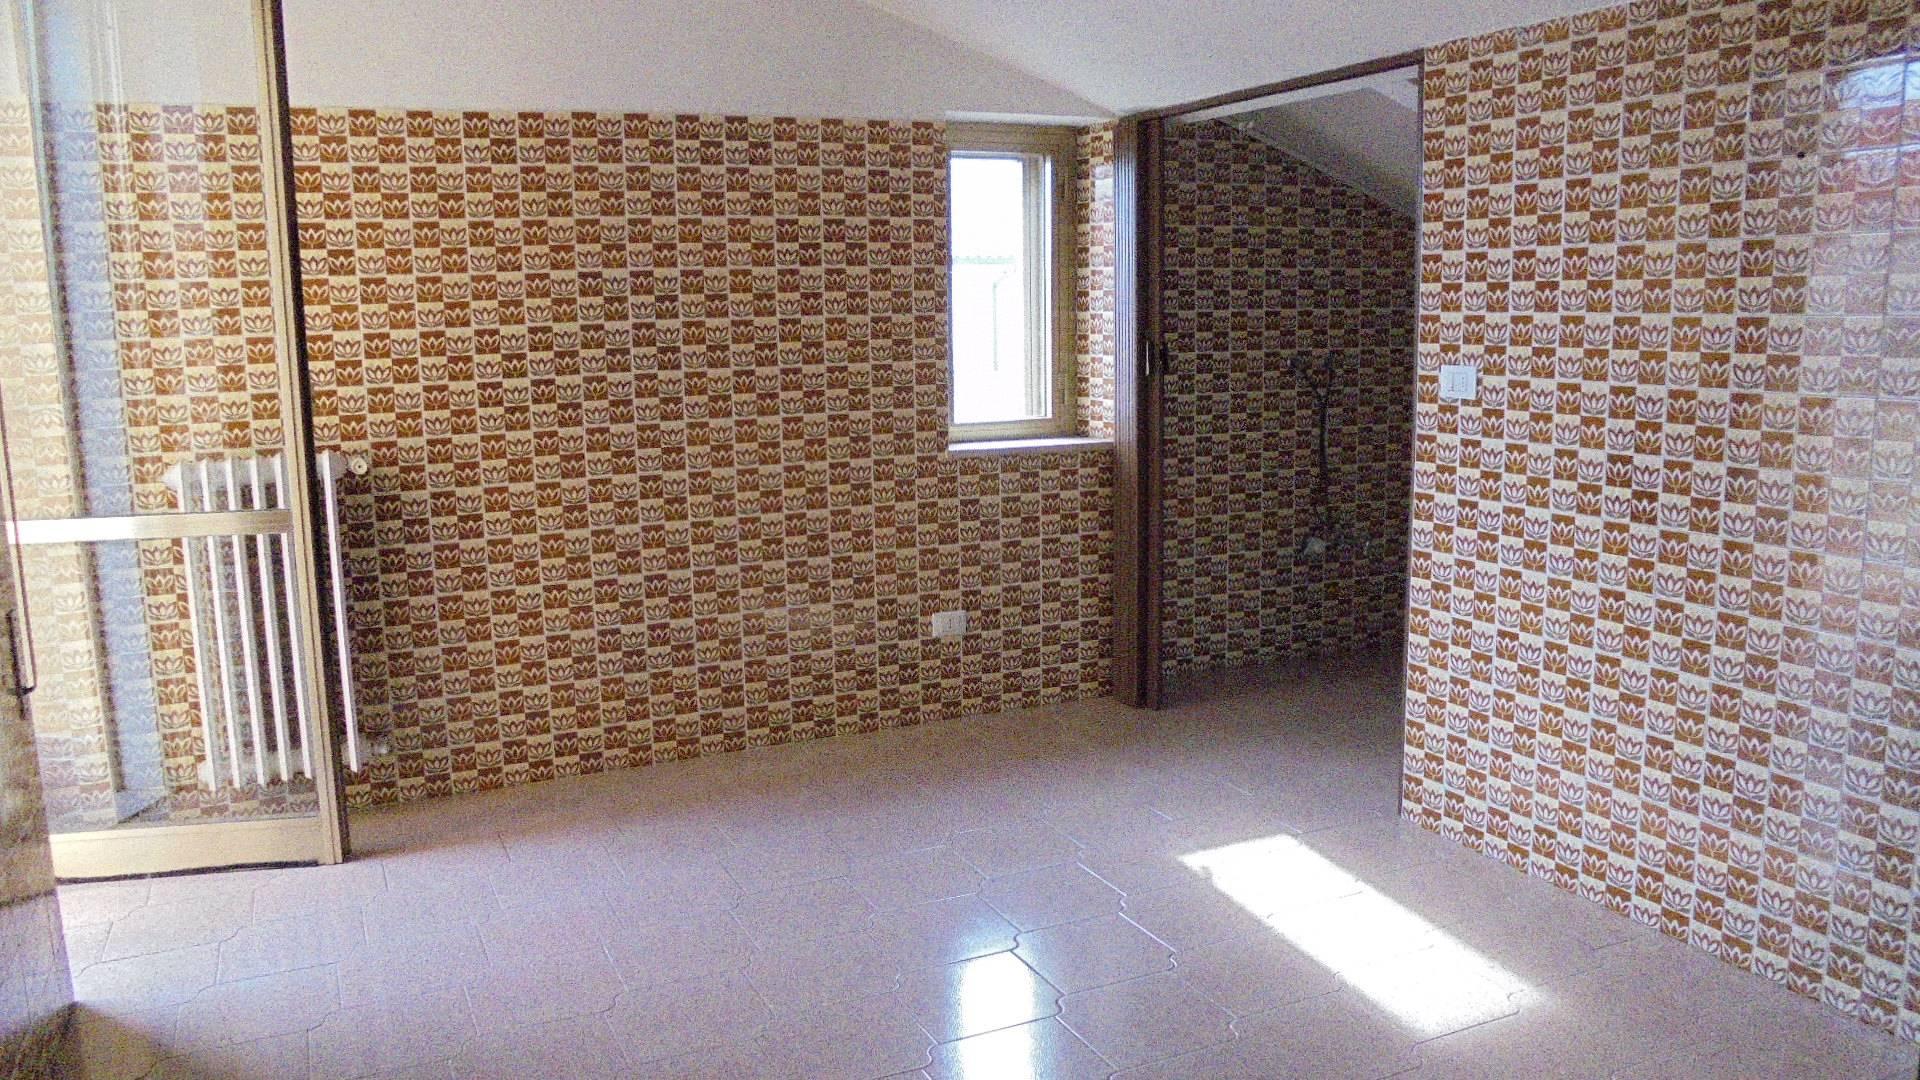 Appartamento a Spoltore - villa raspa - 01